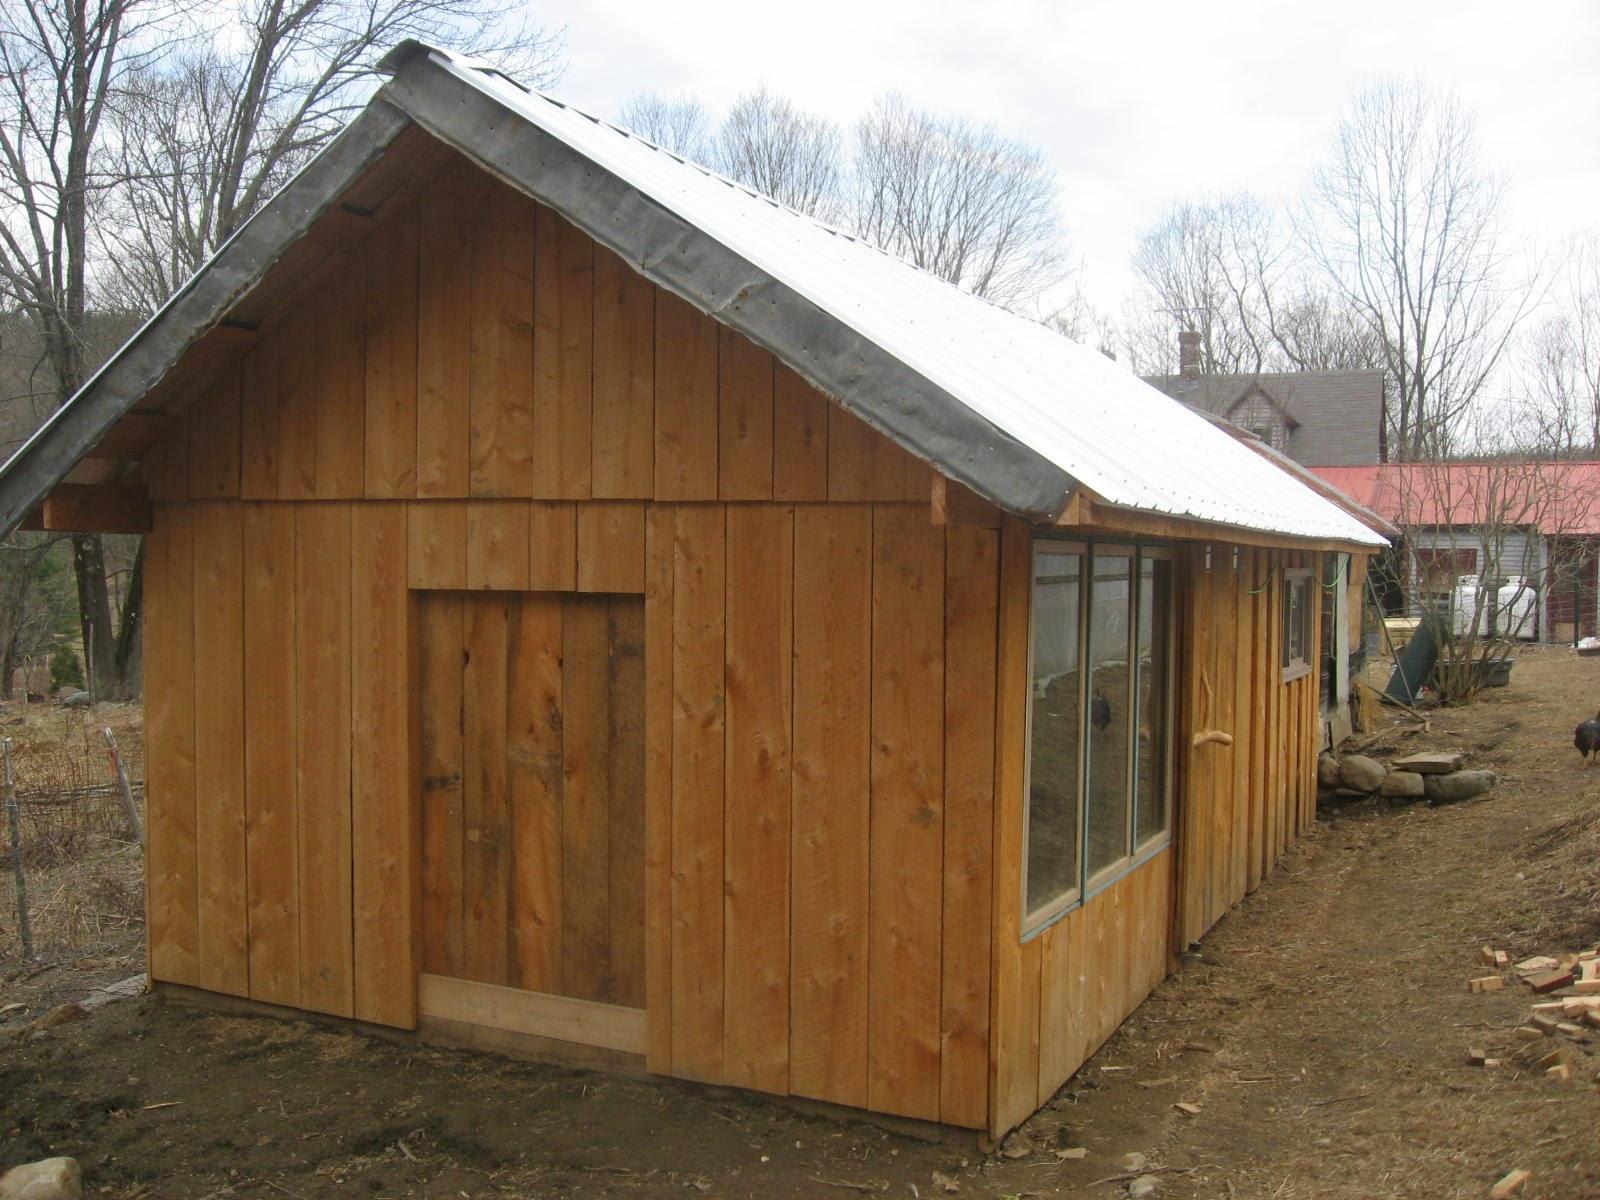 Sweet Morning Farm, LLC: April 2014